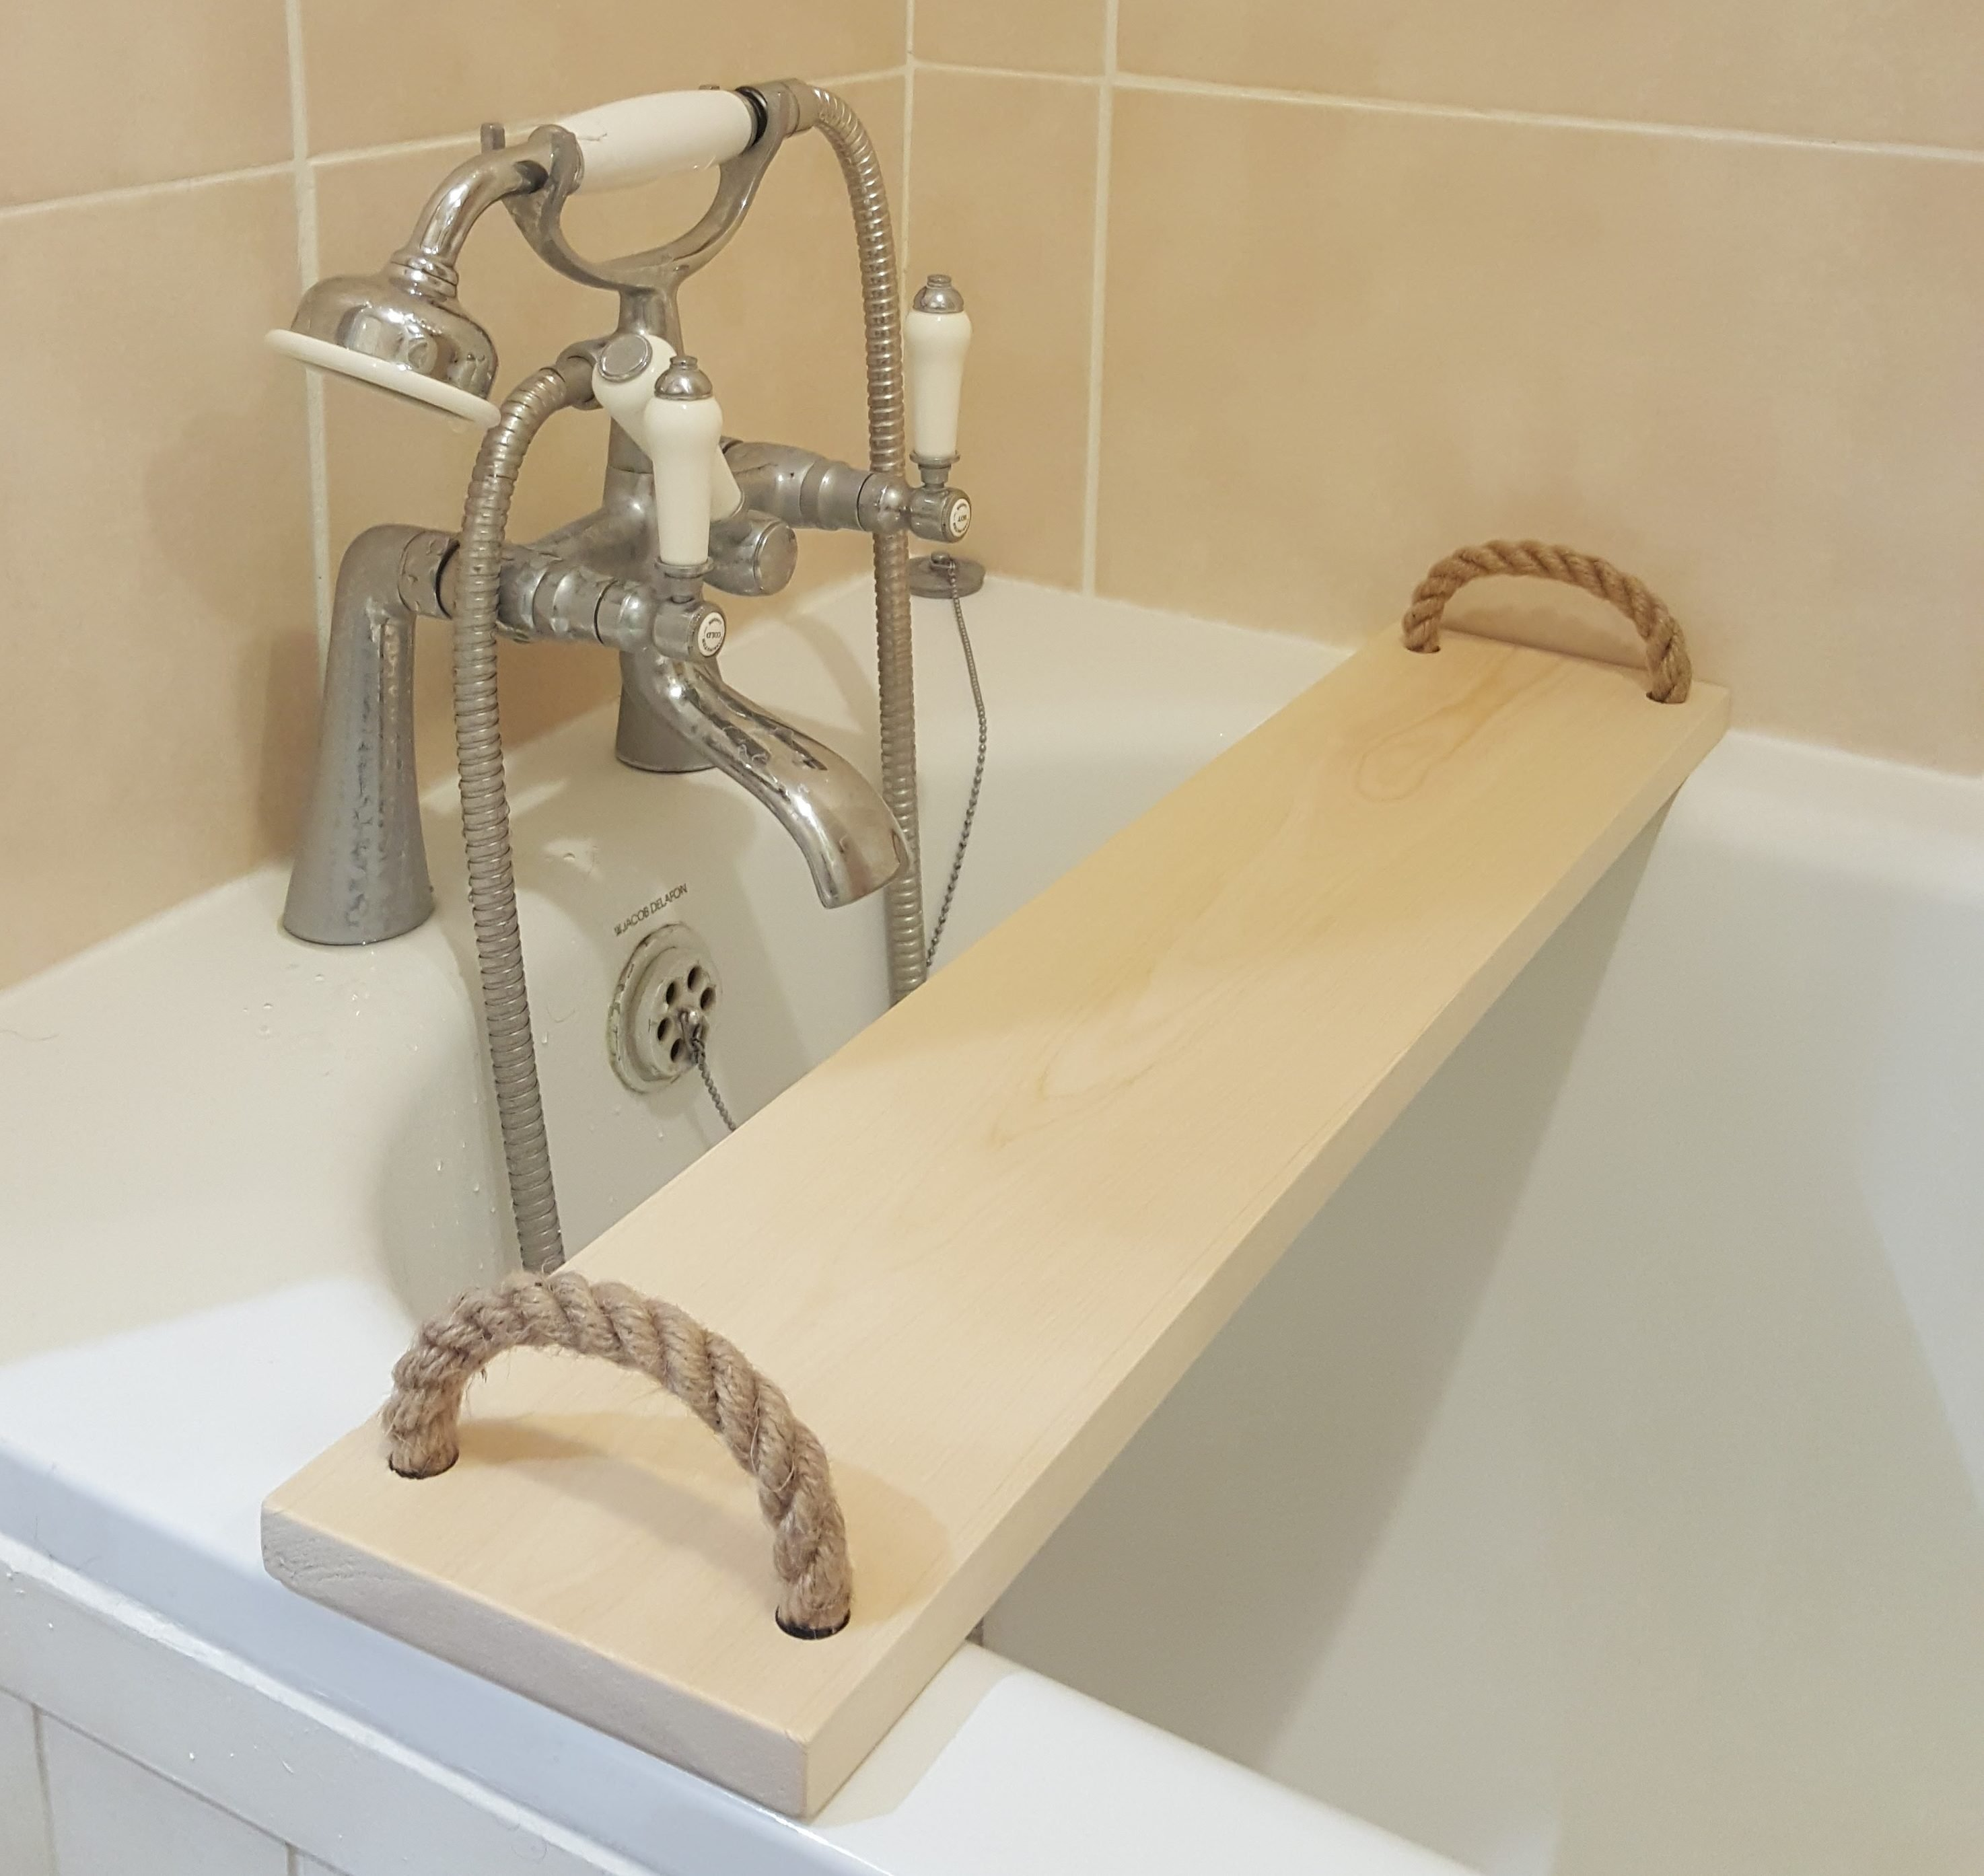 Solid Pine Wood Handmade BathTub Caddy Tray Rack Bath